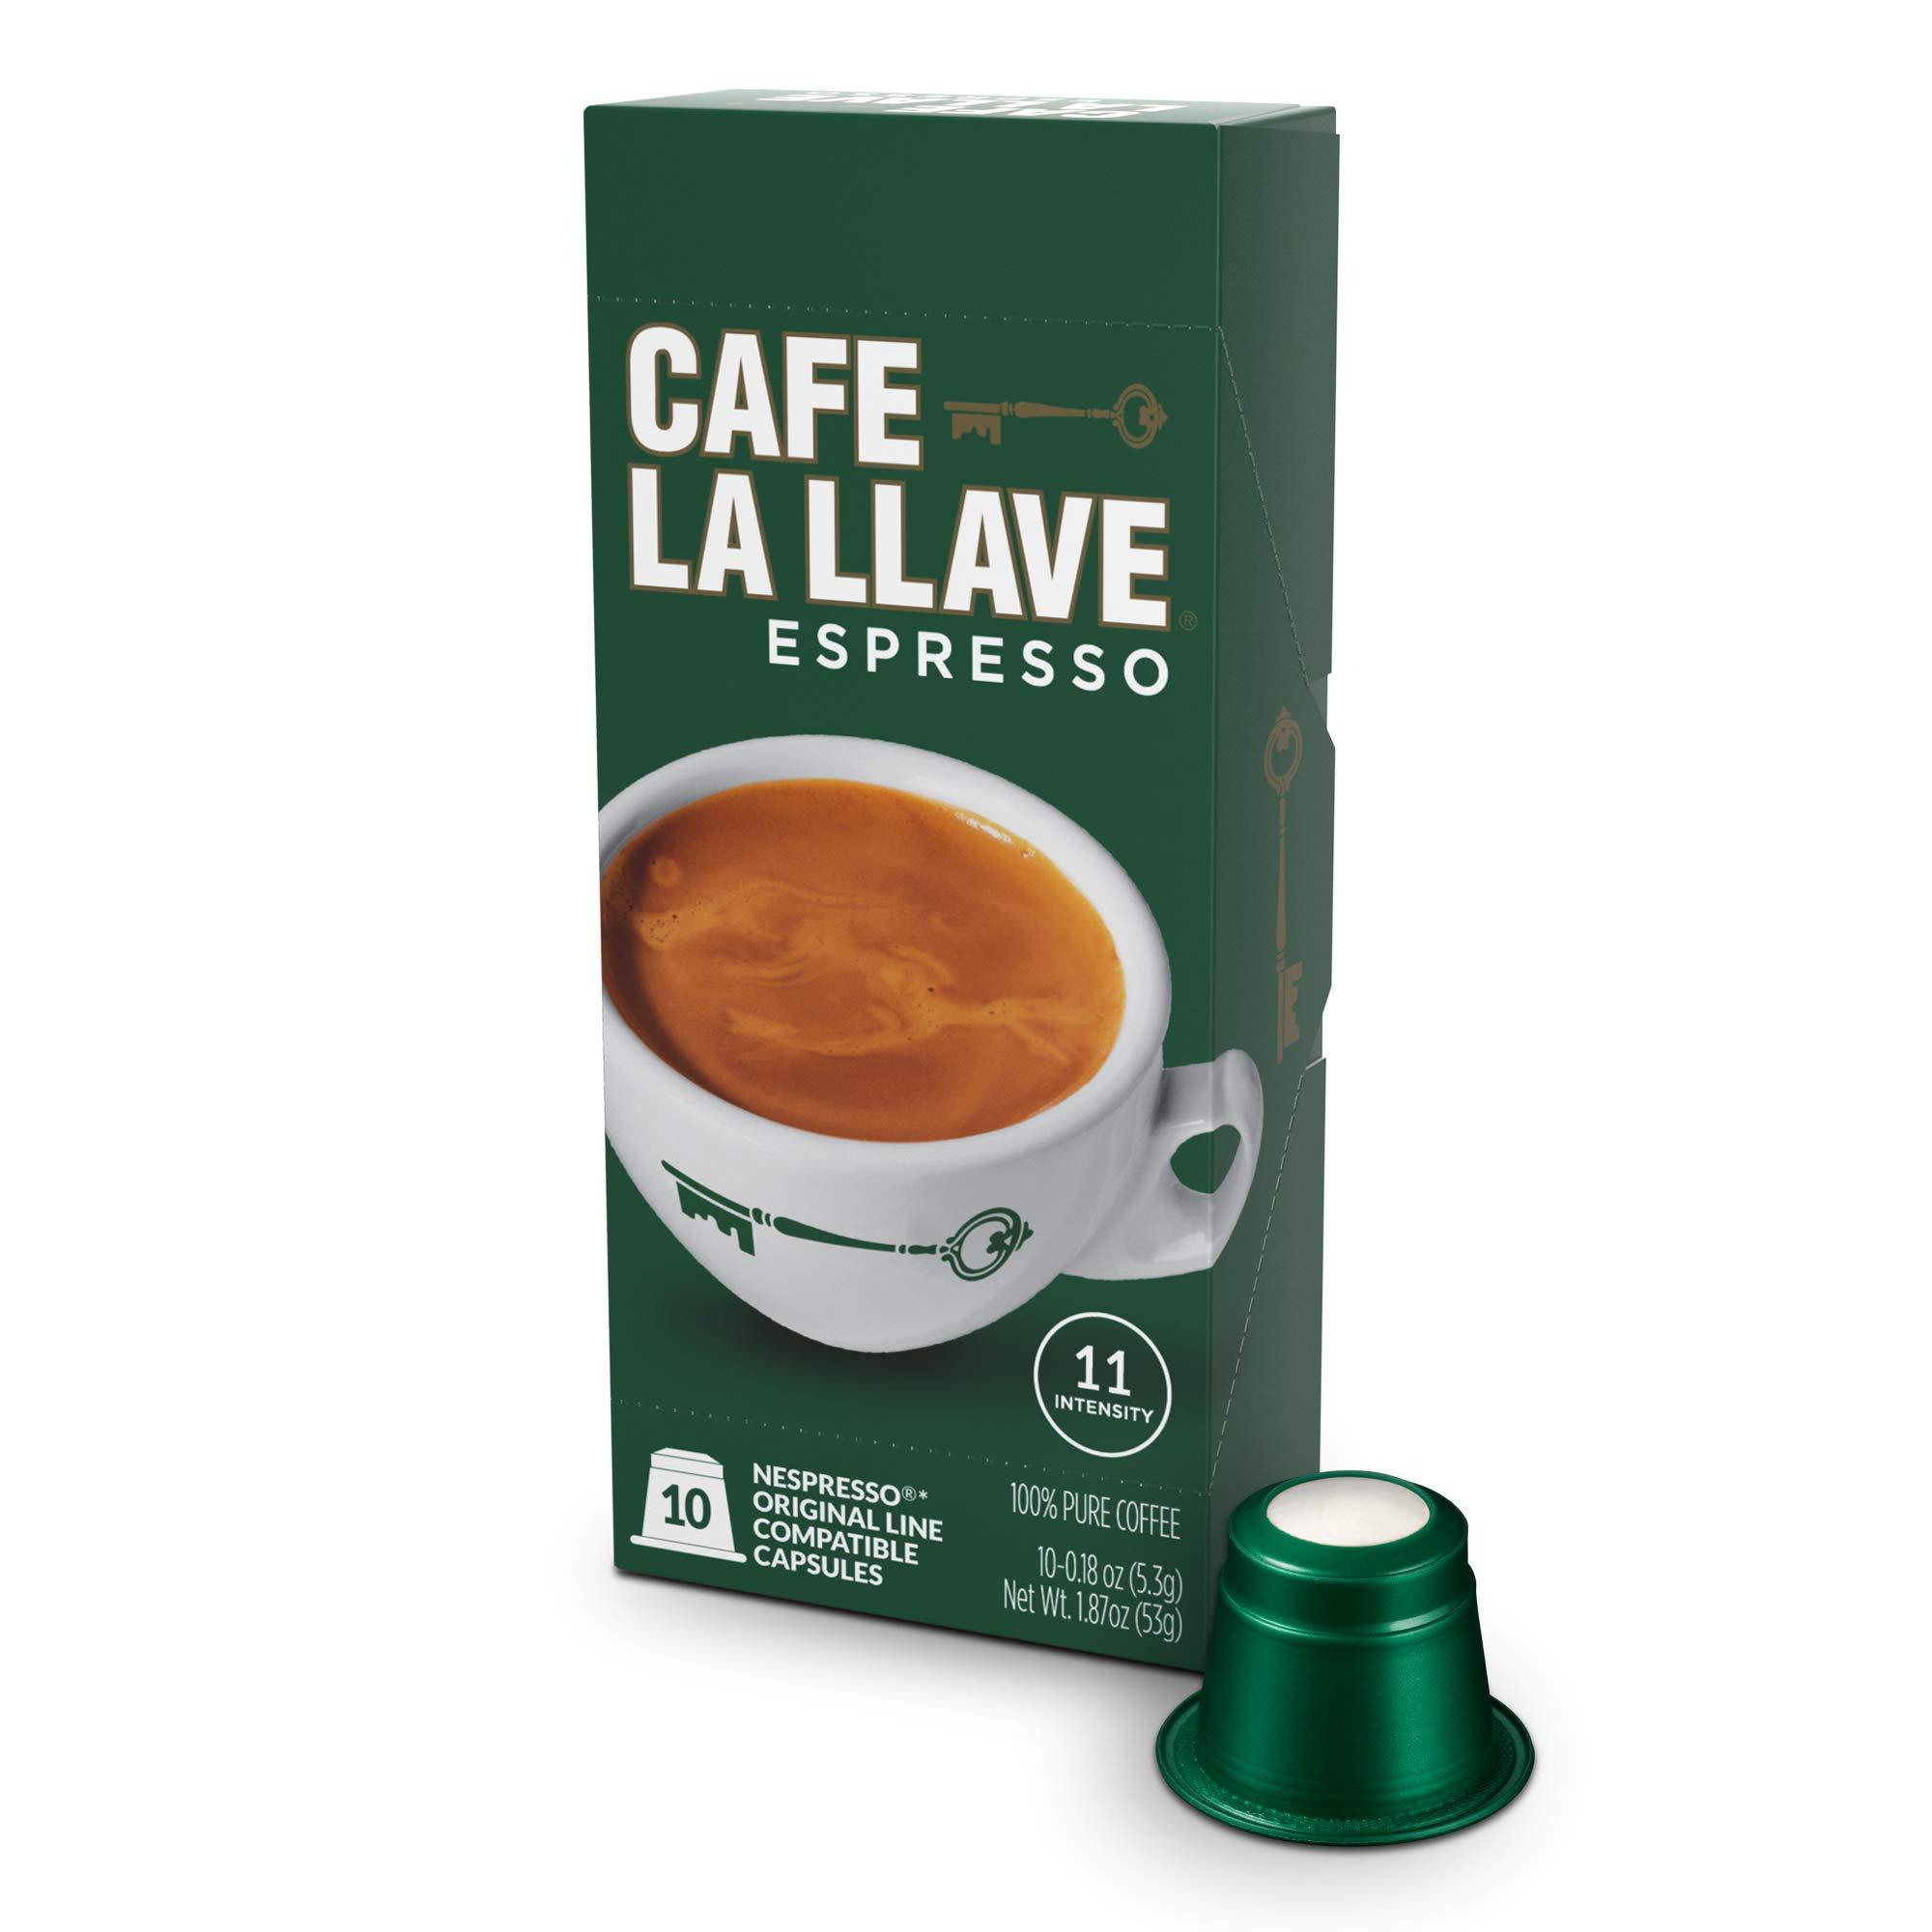 Café La Llave Espresso Capsules, Intensity 11 (80 Pods) Compatible with Nespresso OriginalLine Machines, Single Cup Coffee by Cafe La Llave (Image #7)